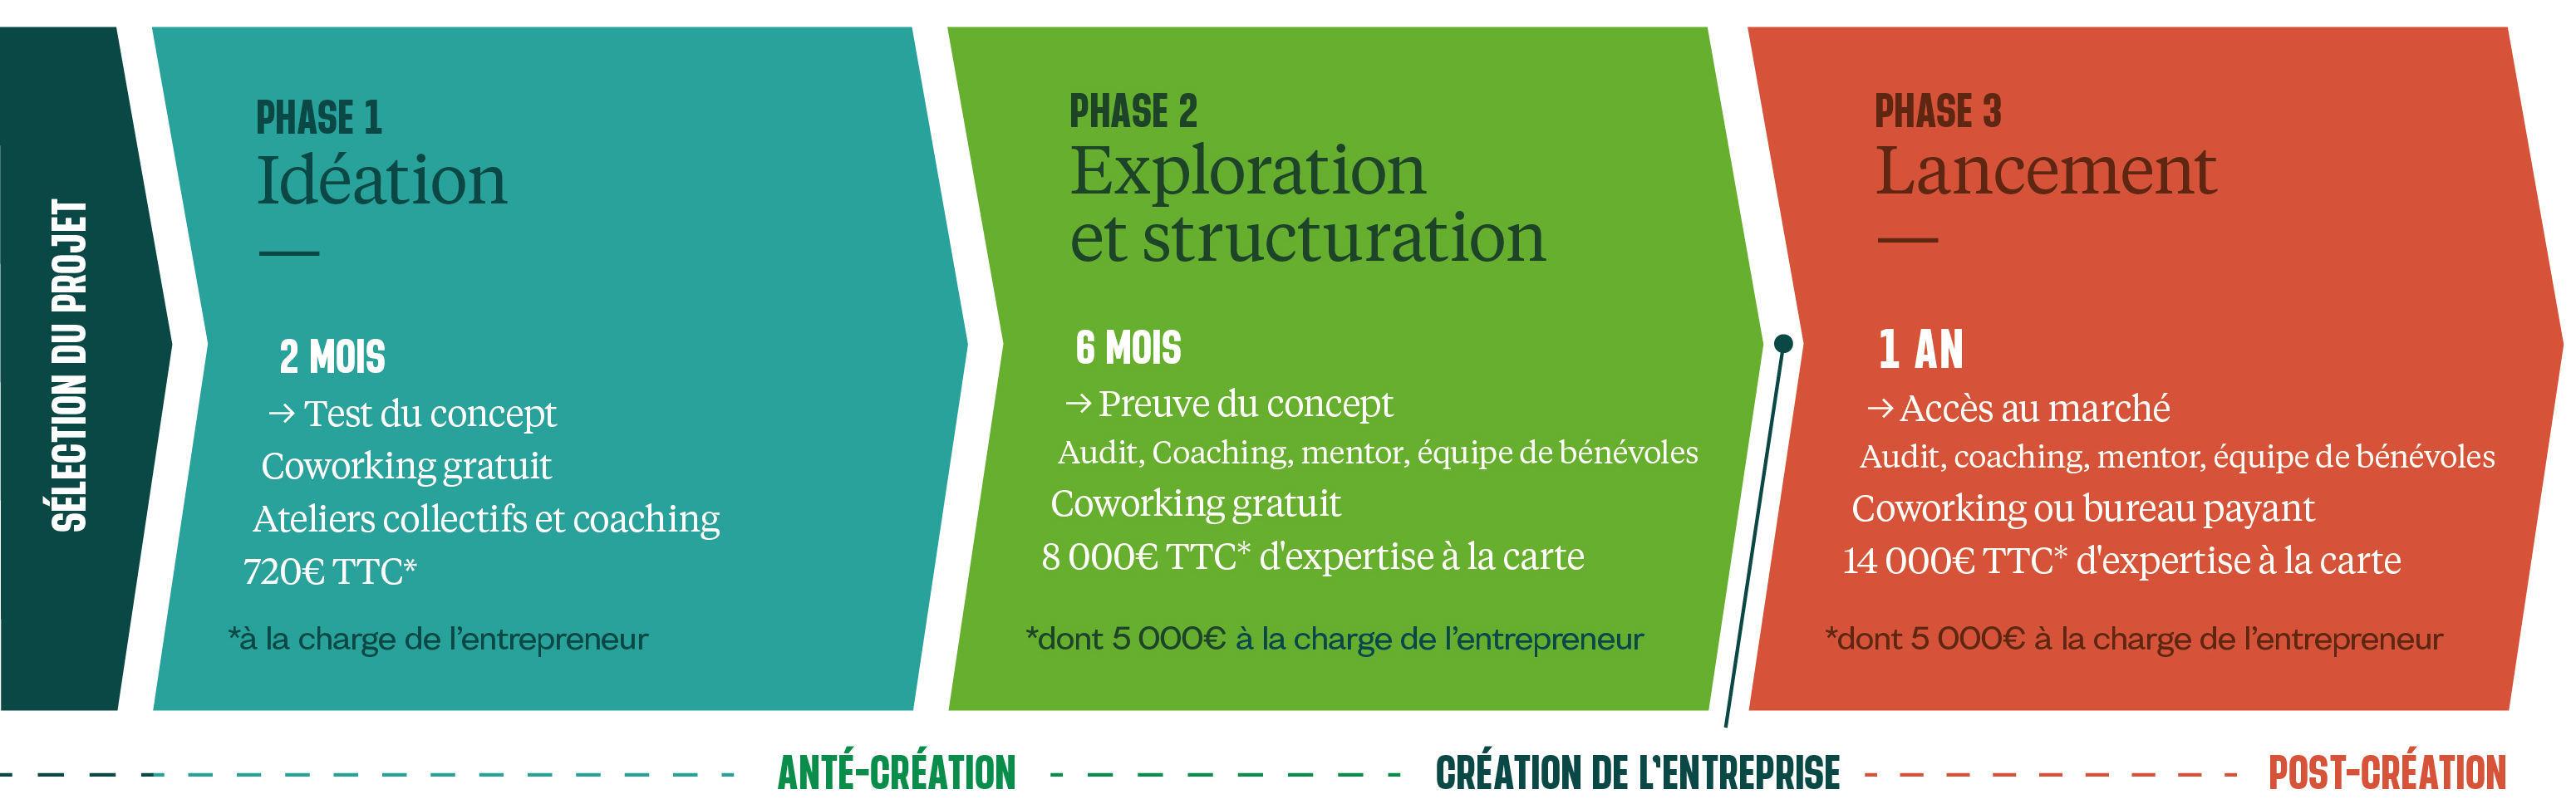 Infographie-phases-incubateur-encadrement